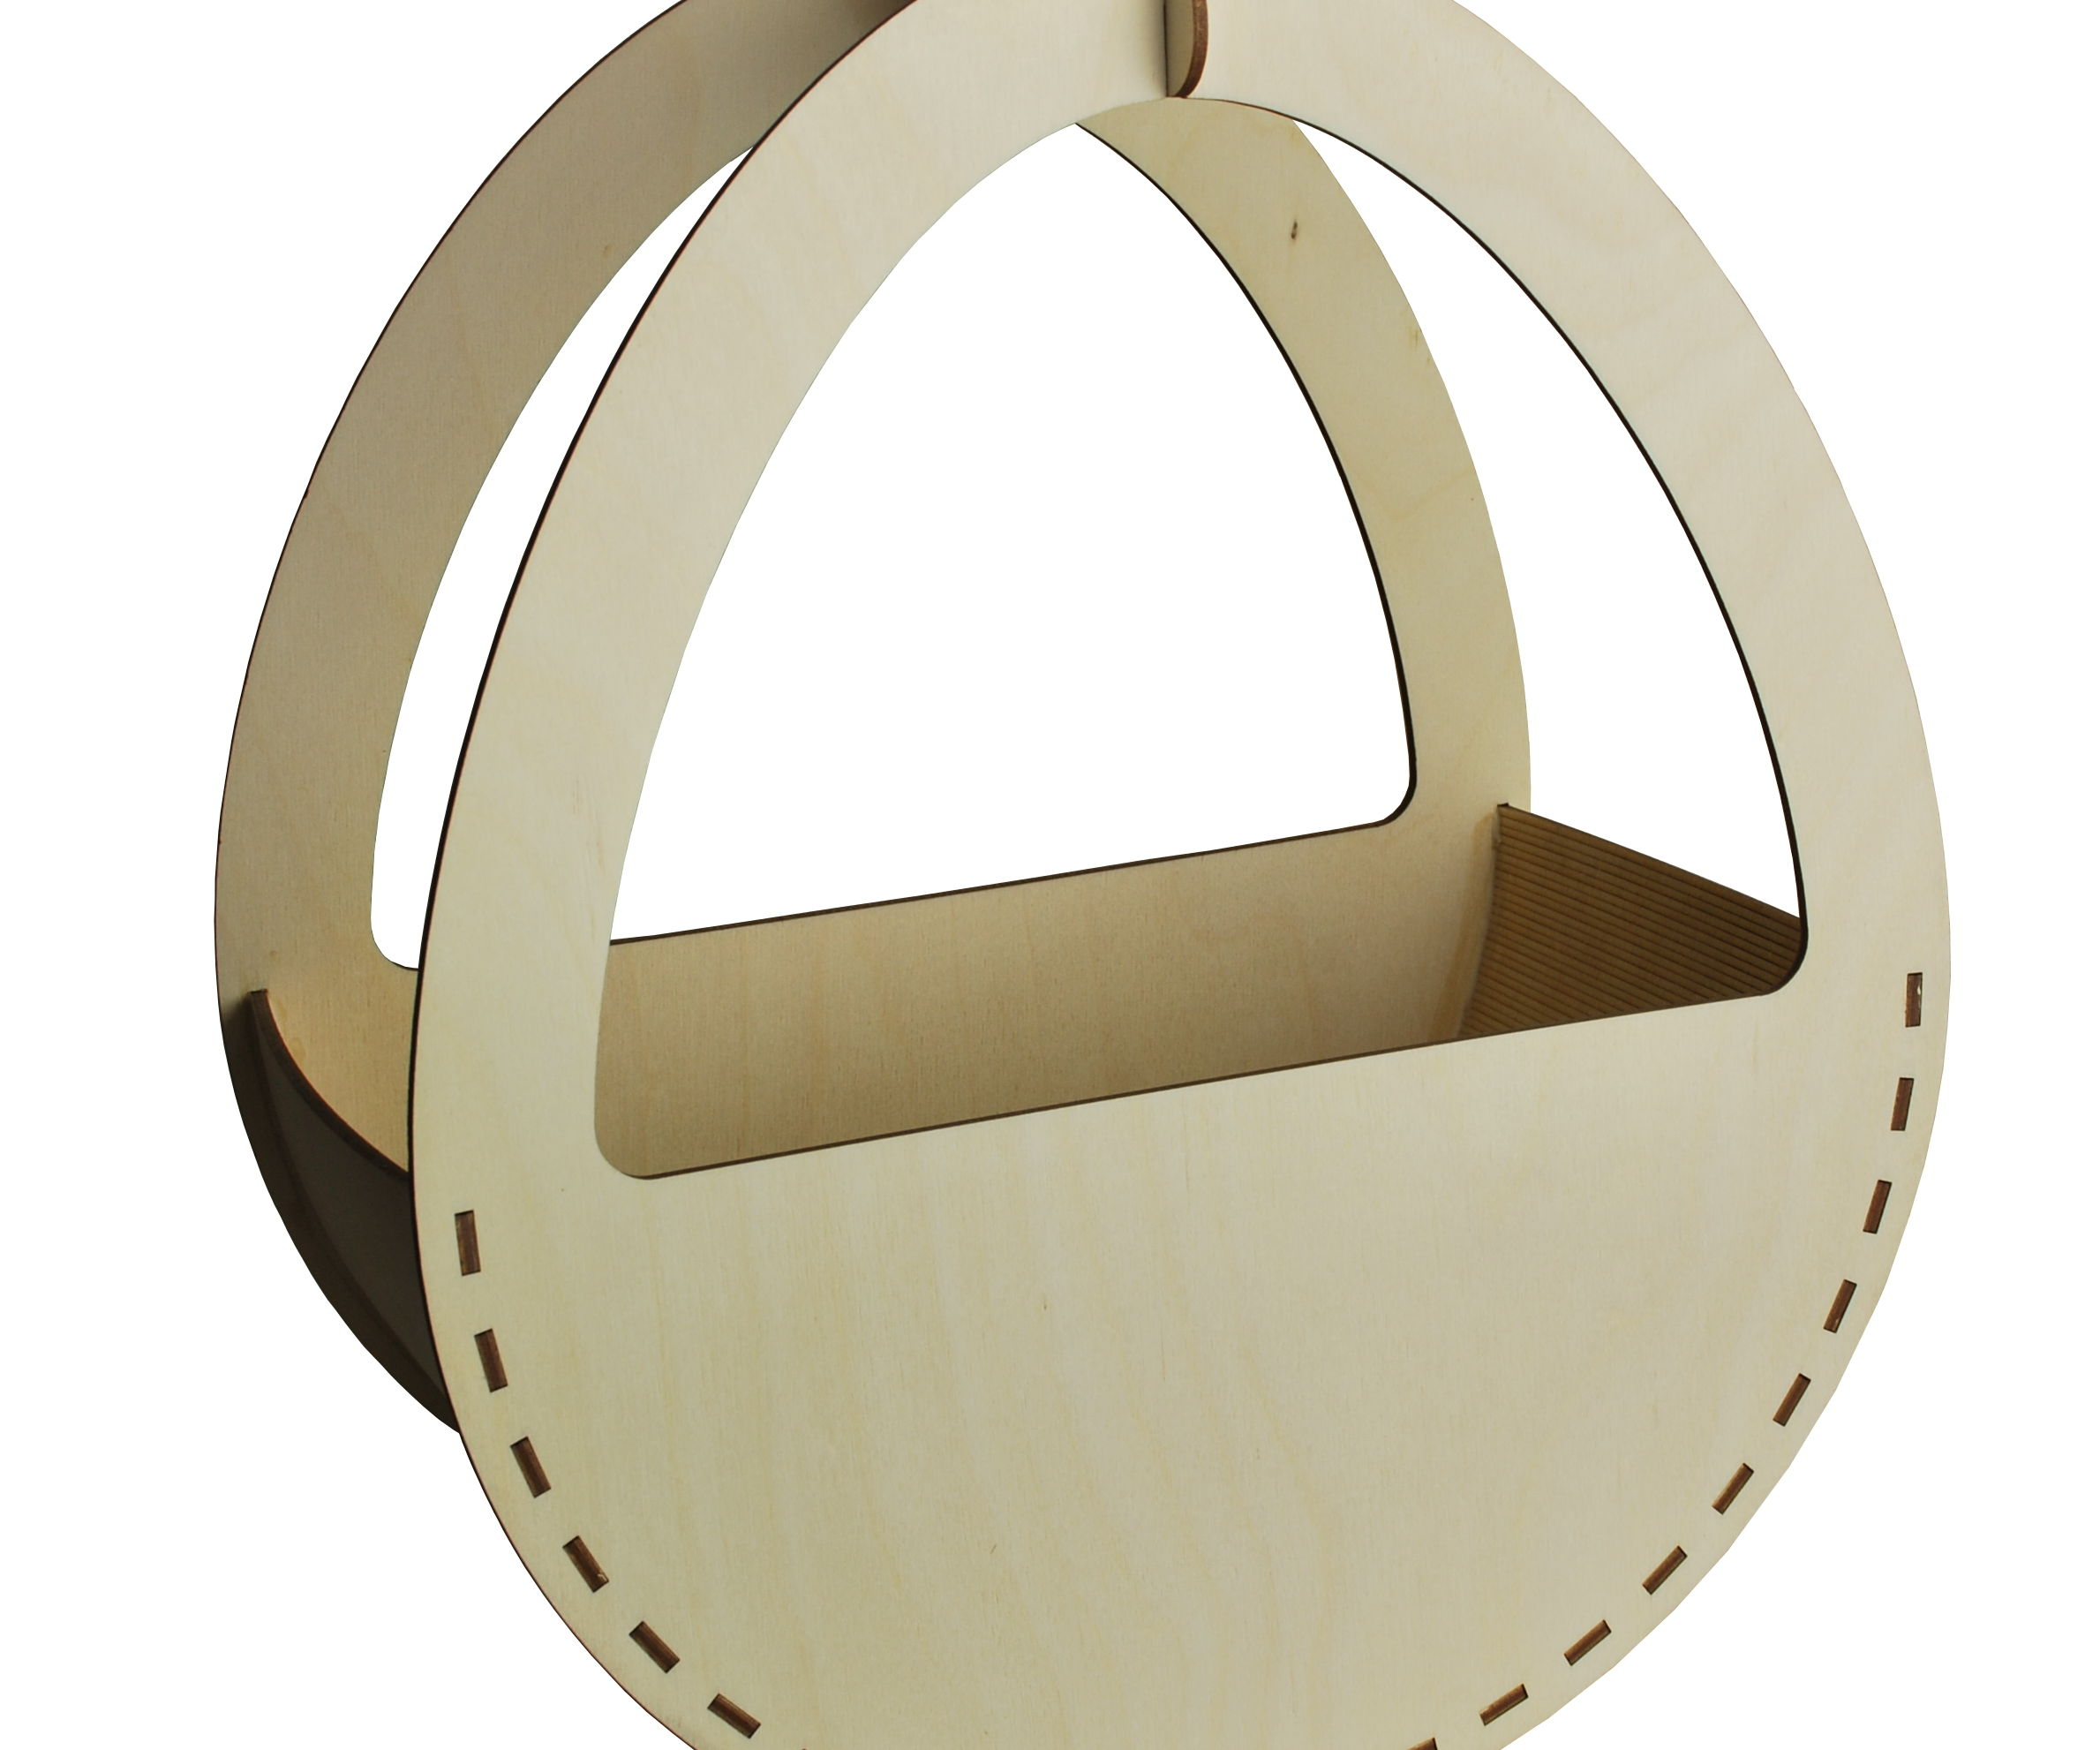 Curved Laser Cut Easter Basket